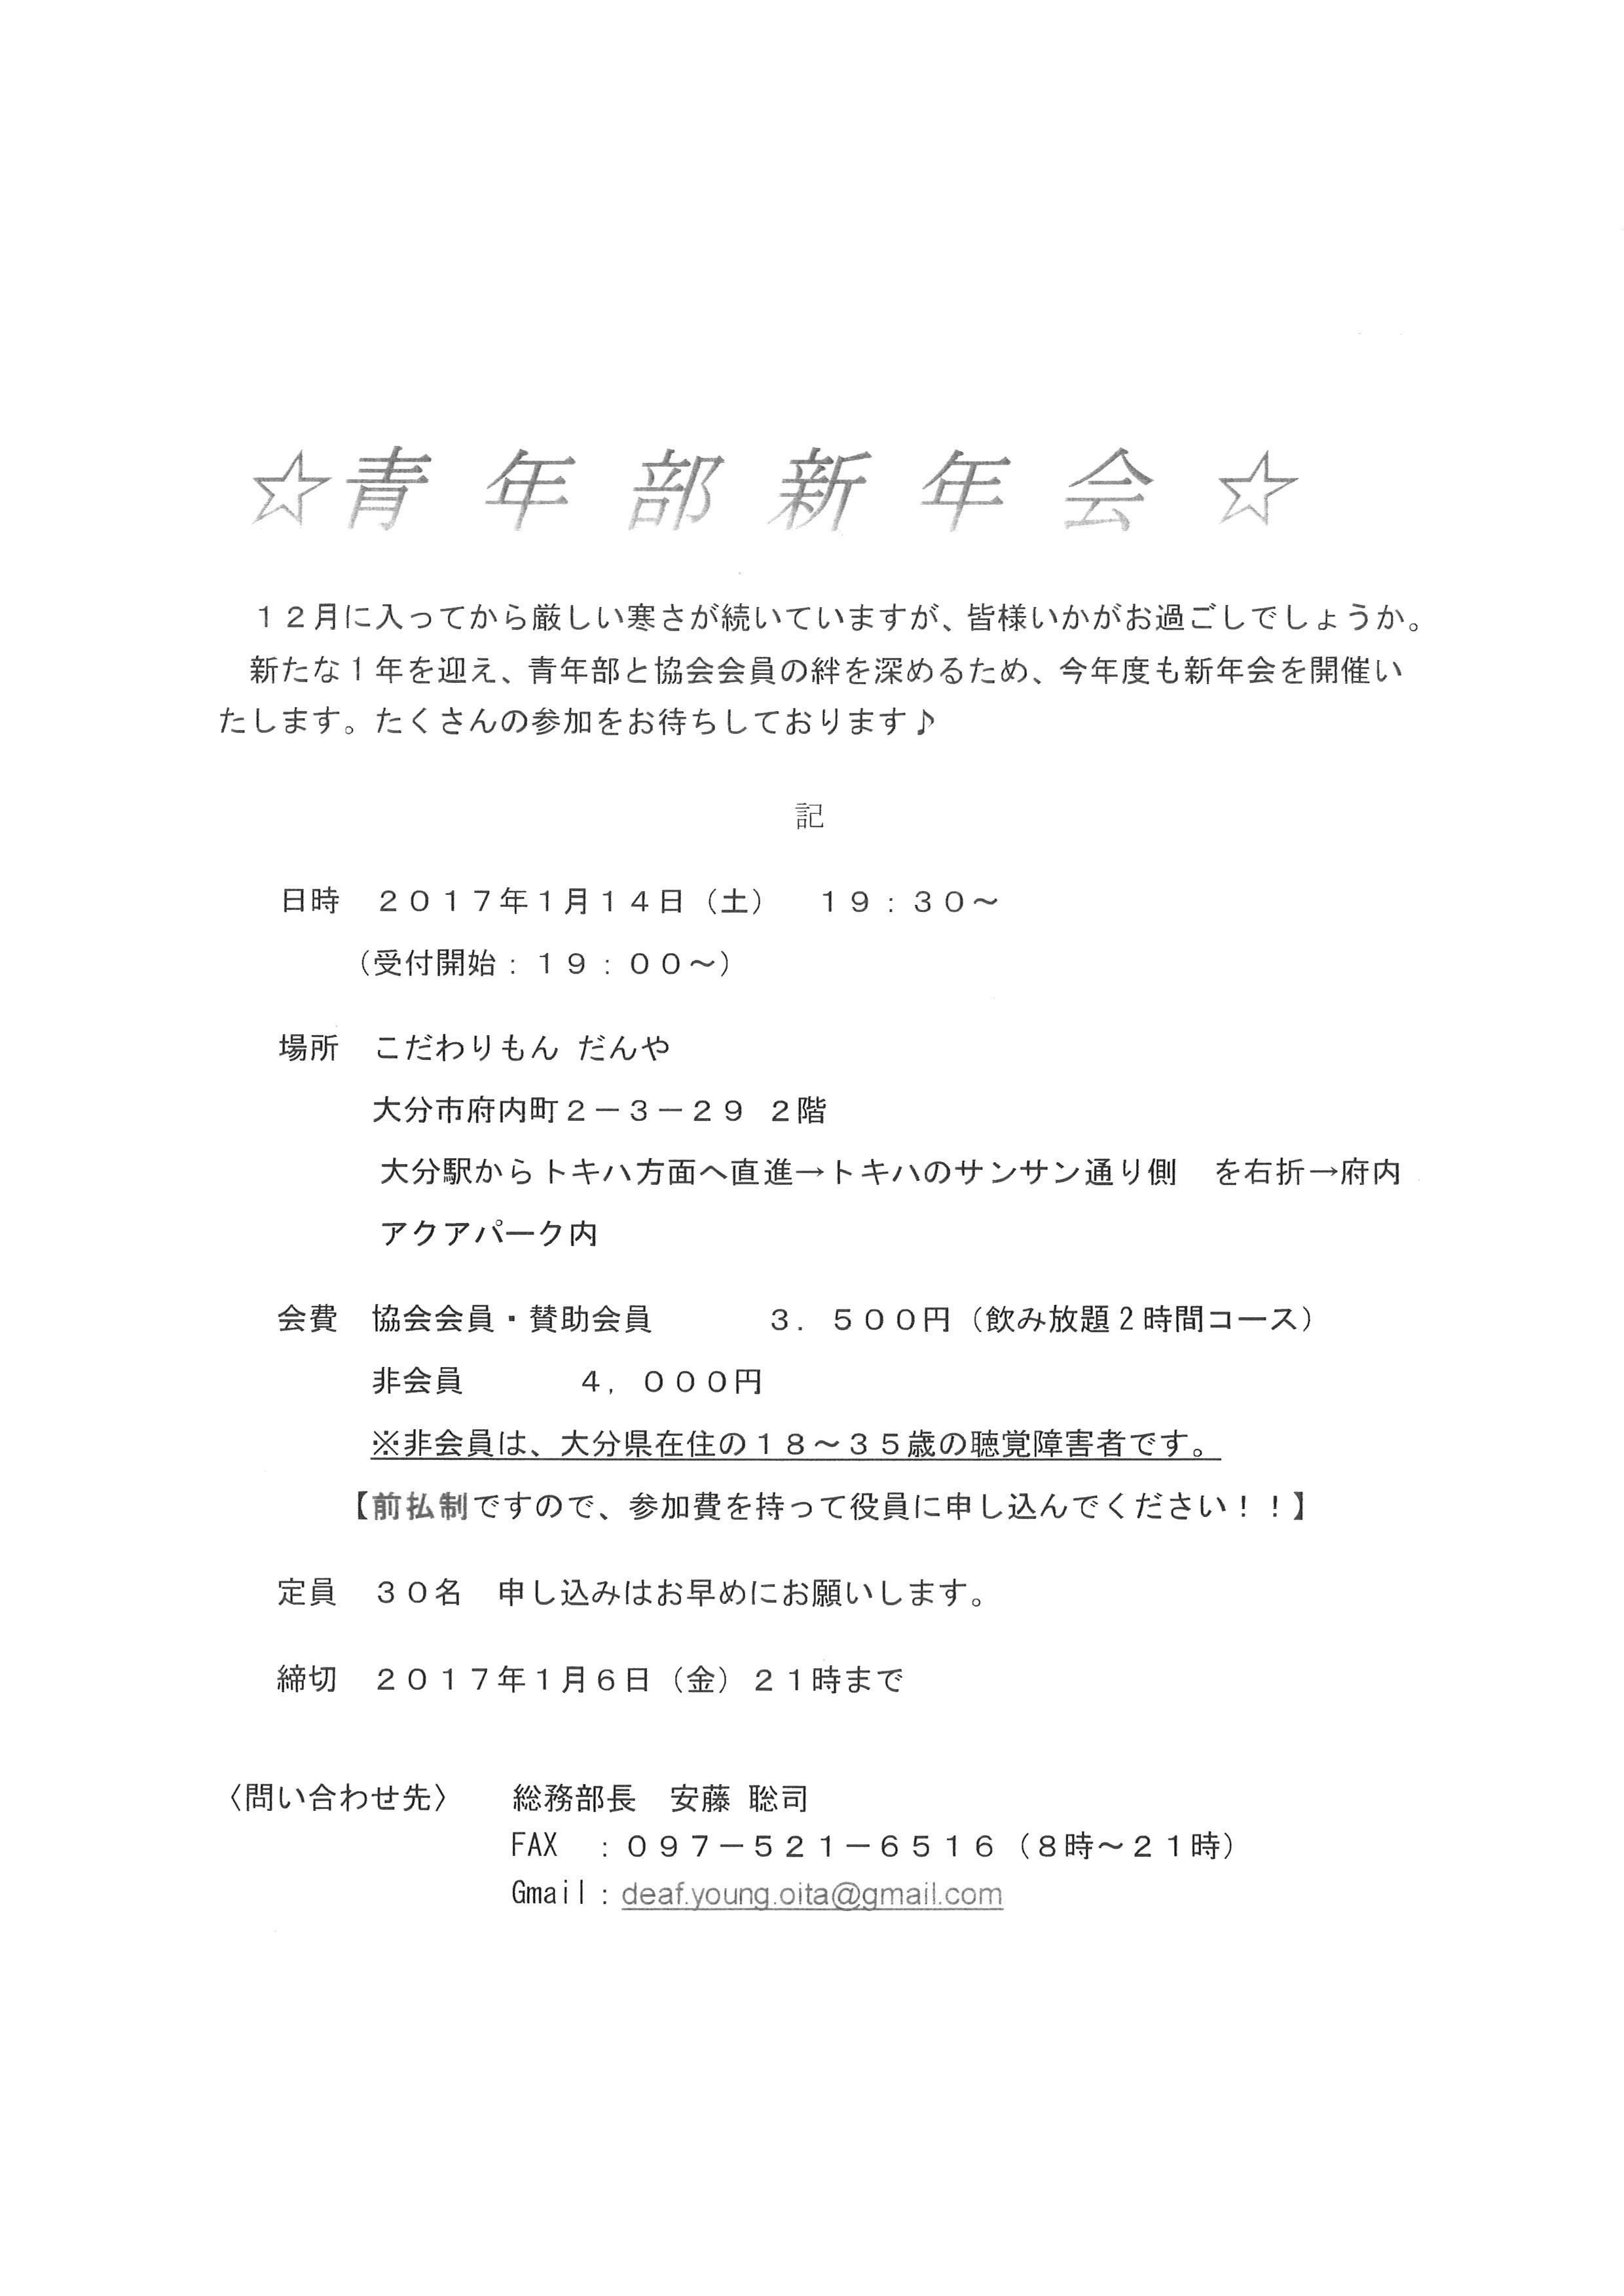 大分県聴覚障害者協会青年部からのお知らせ_d0070316_13054197.jpg